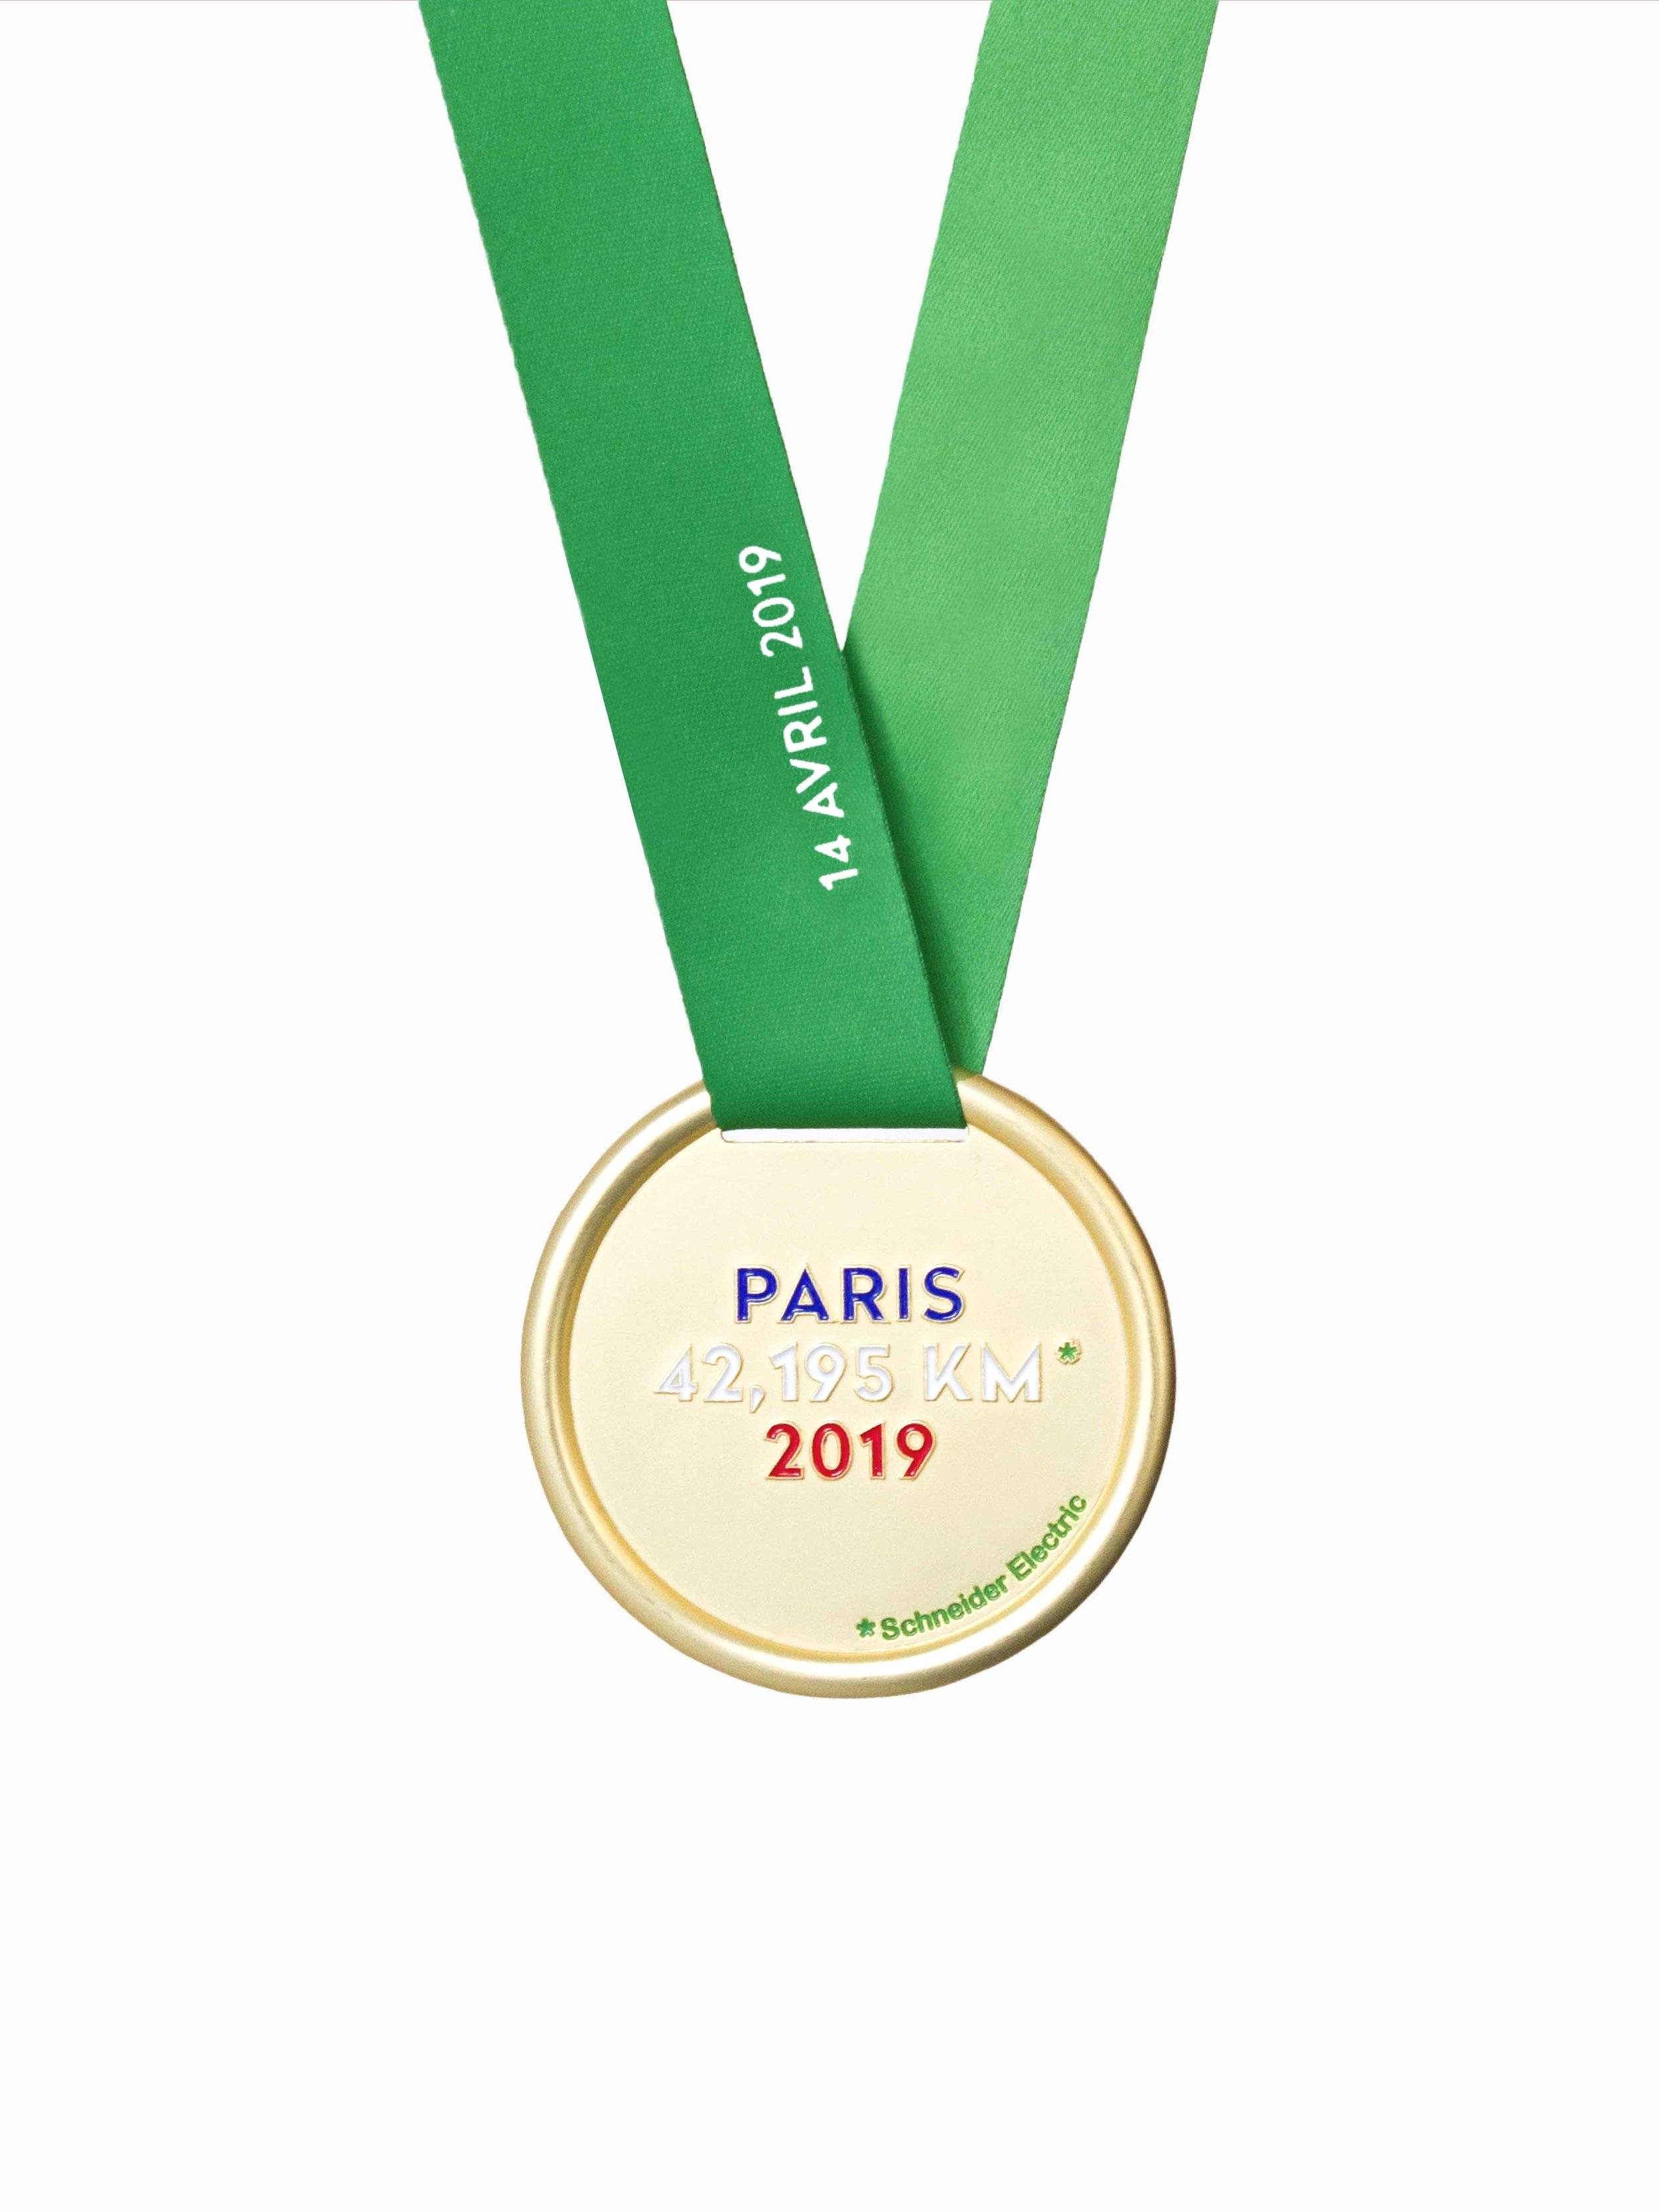 LA MÉDAILLE - MARATHON DE PARIS